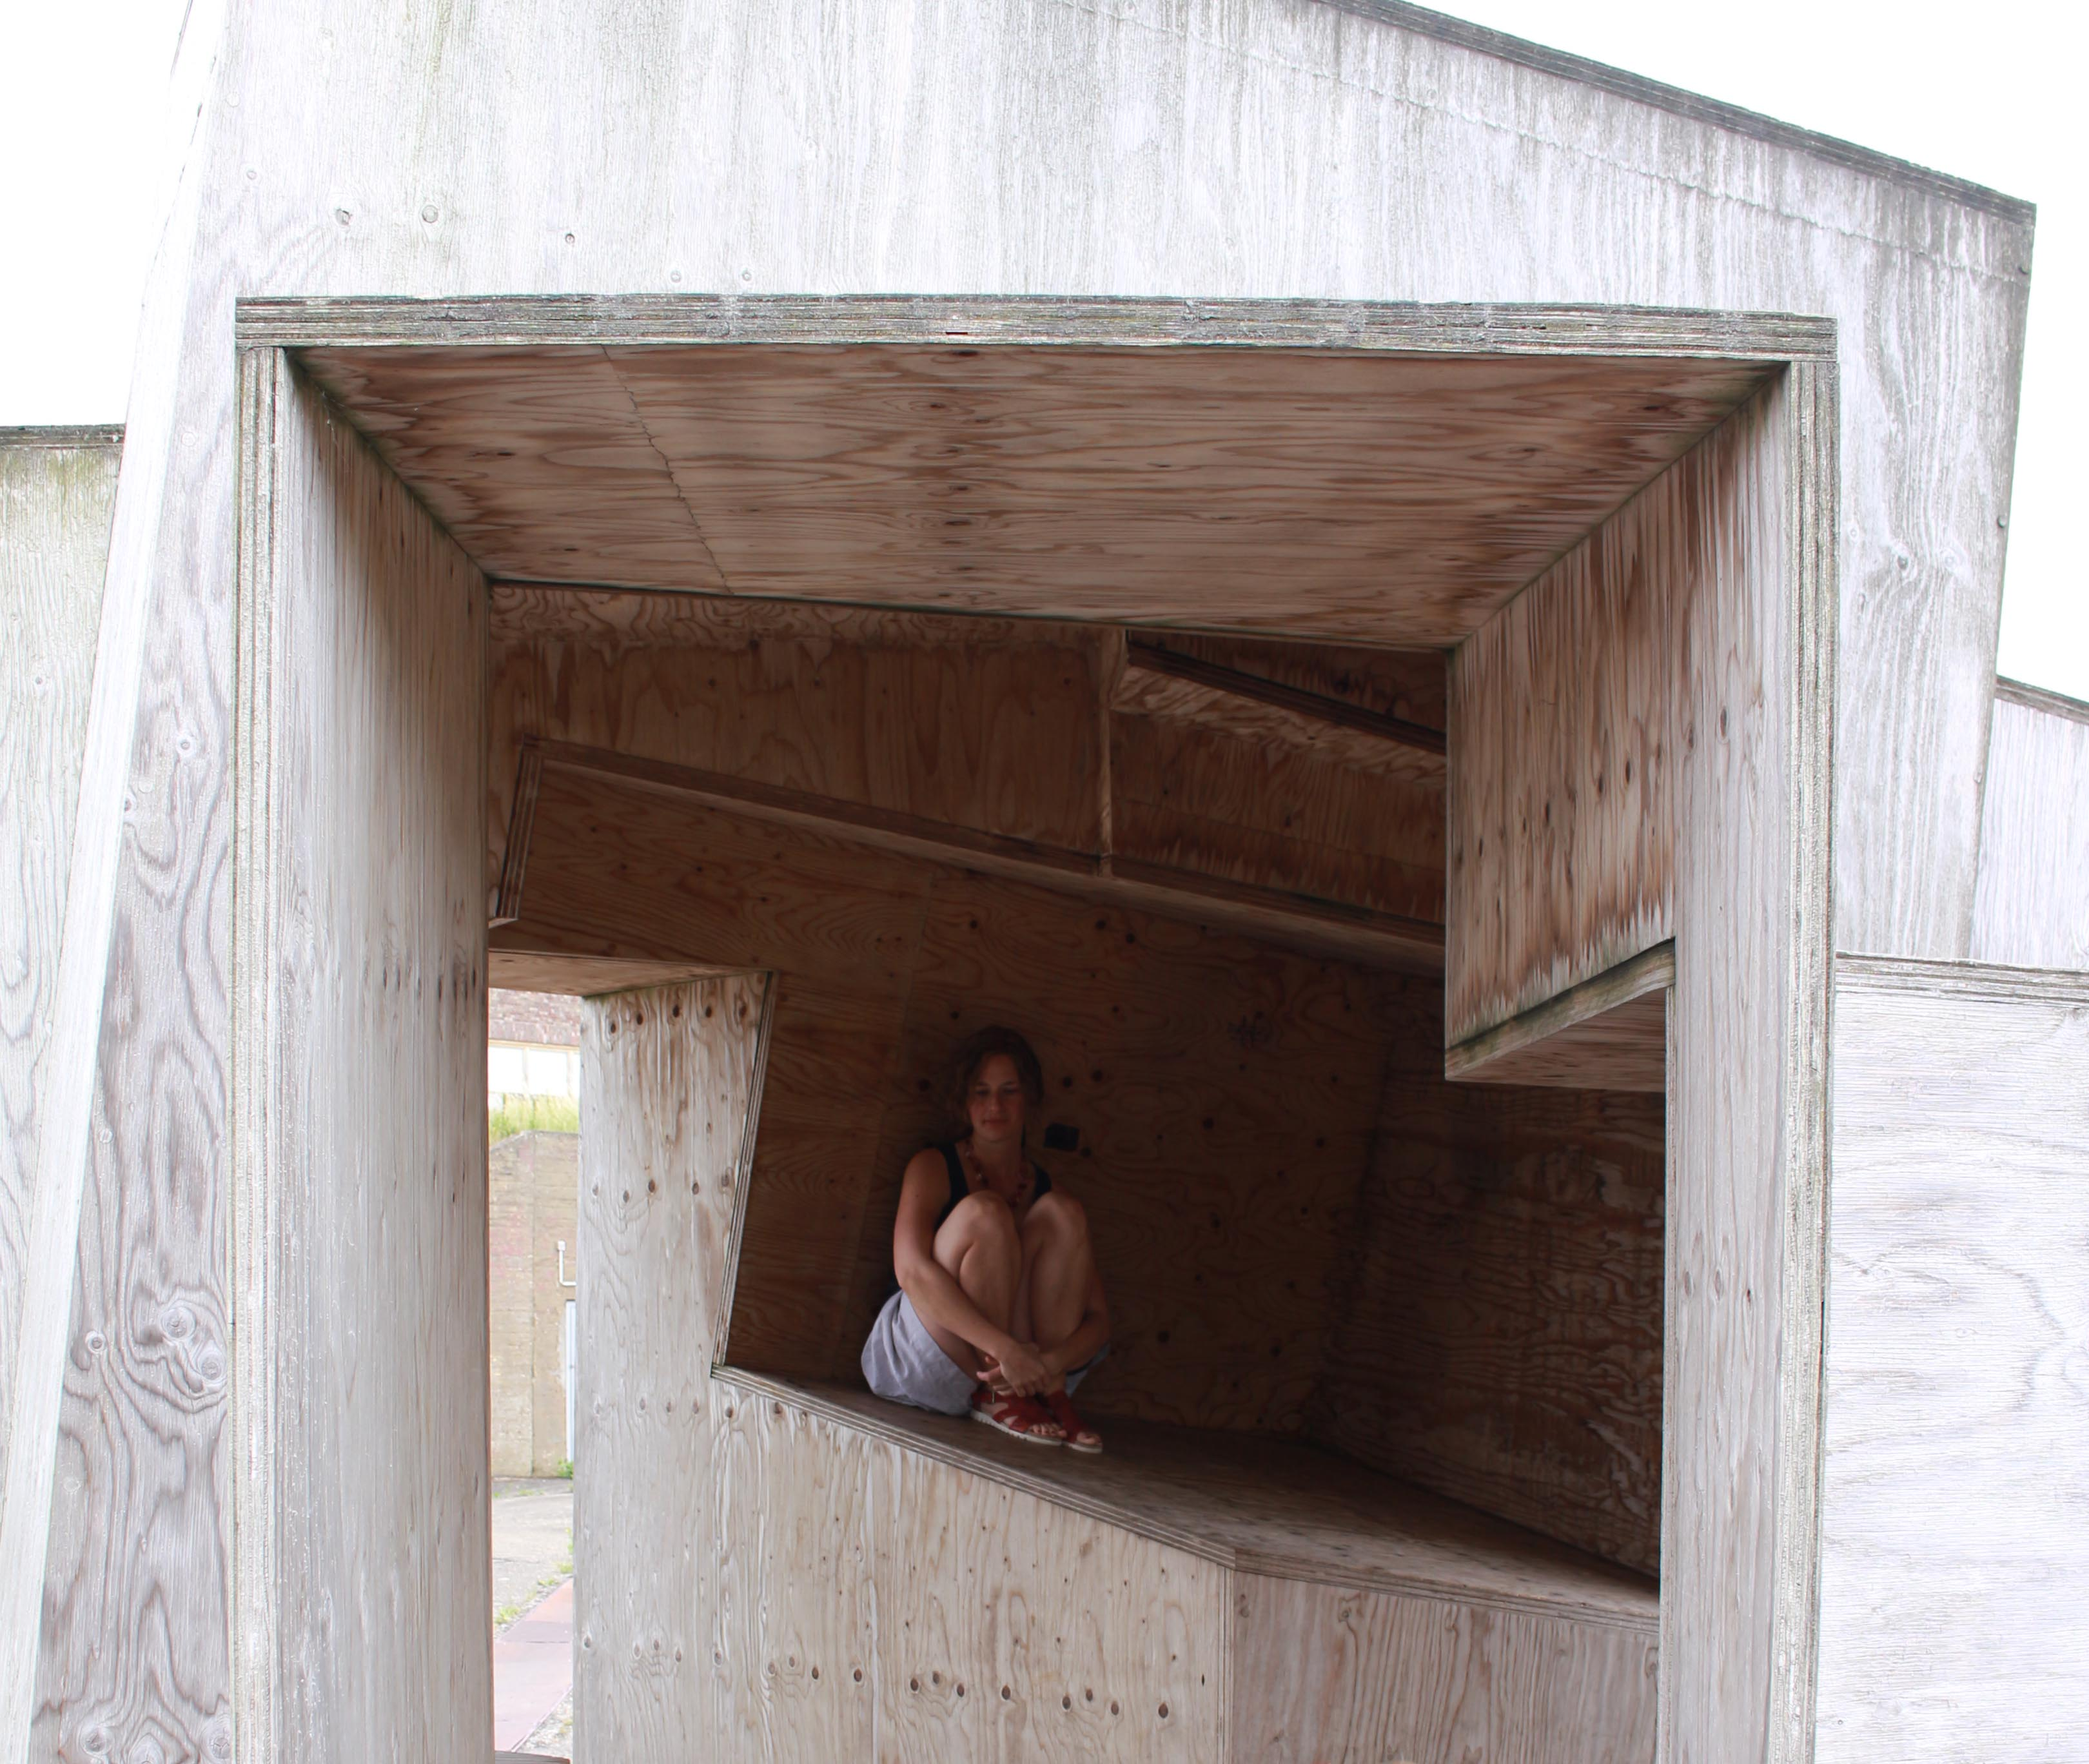 Zusammengekauerte Frau in kompliziert geformter Holzkiste